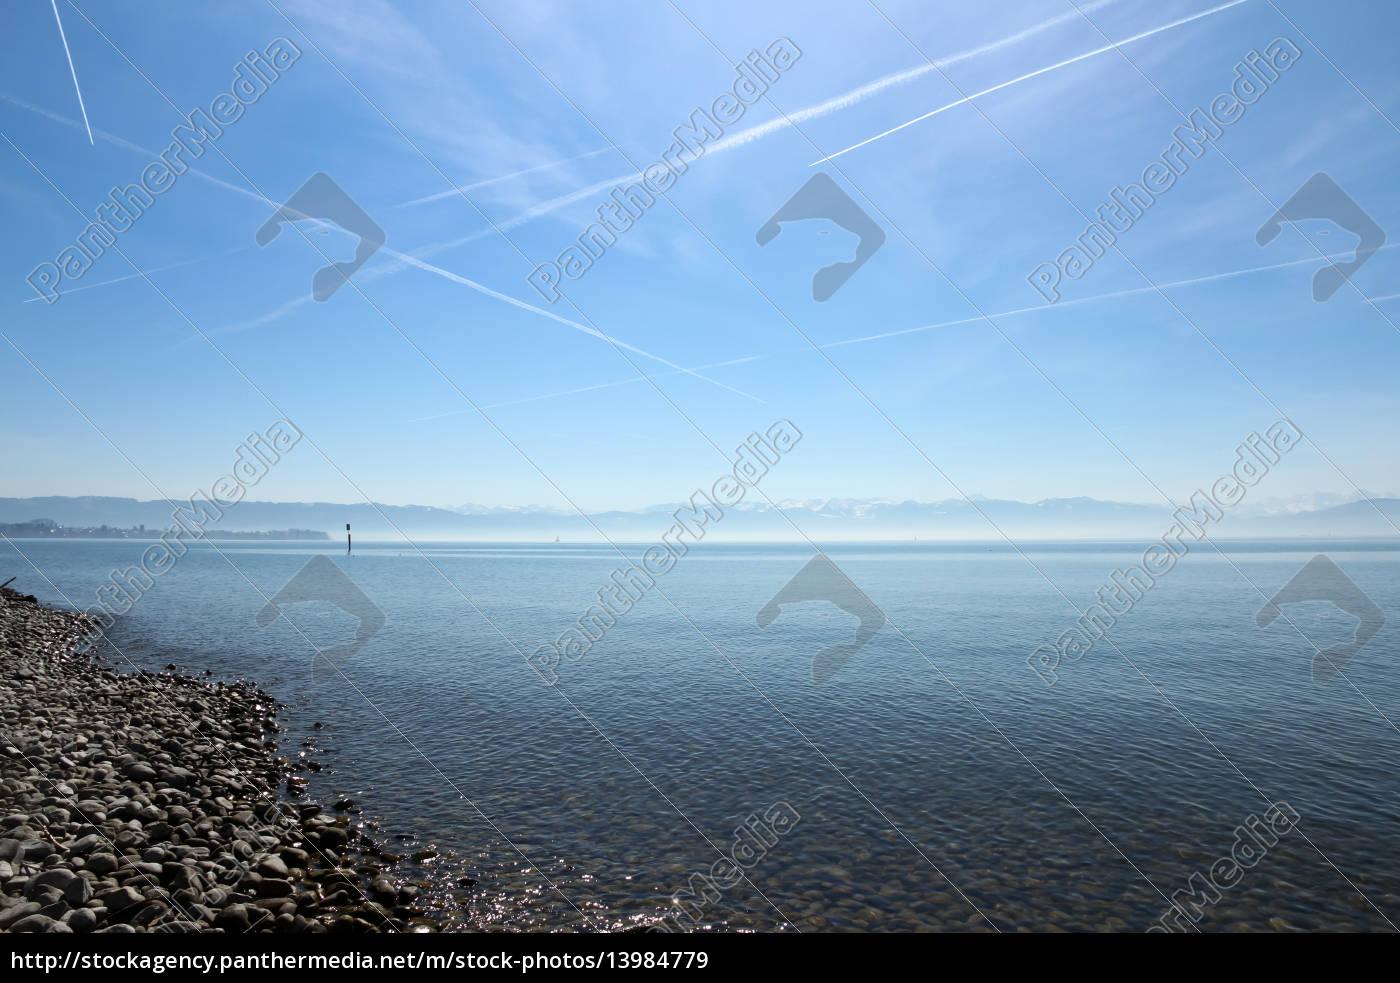 góry, Alpy, plaża, brzegach, brzeg, nadmorski - 13984779